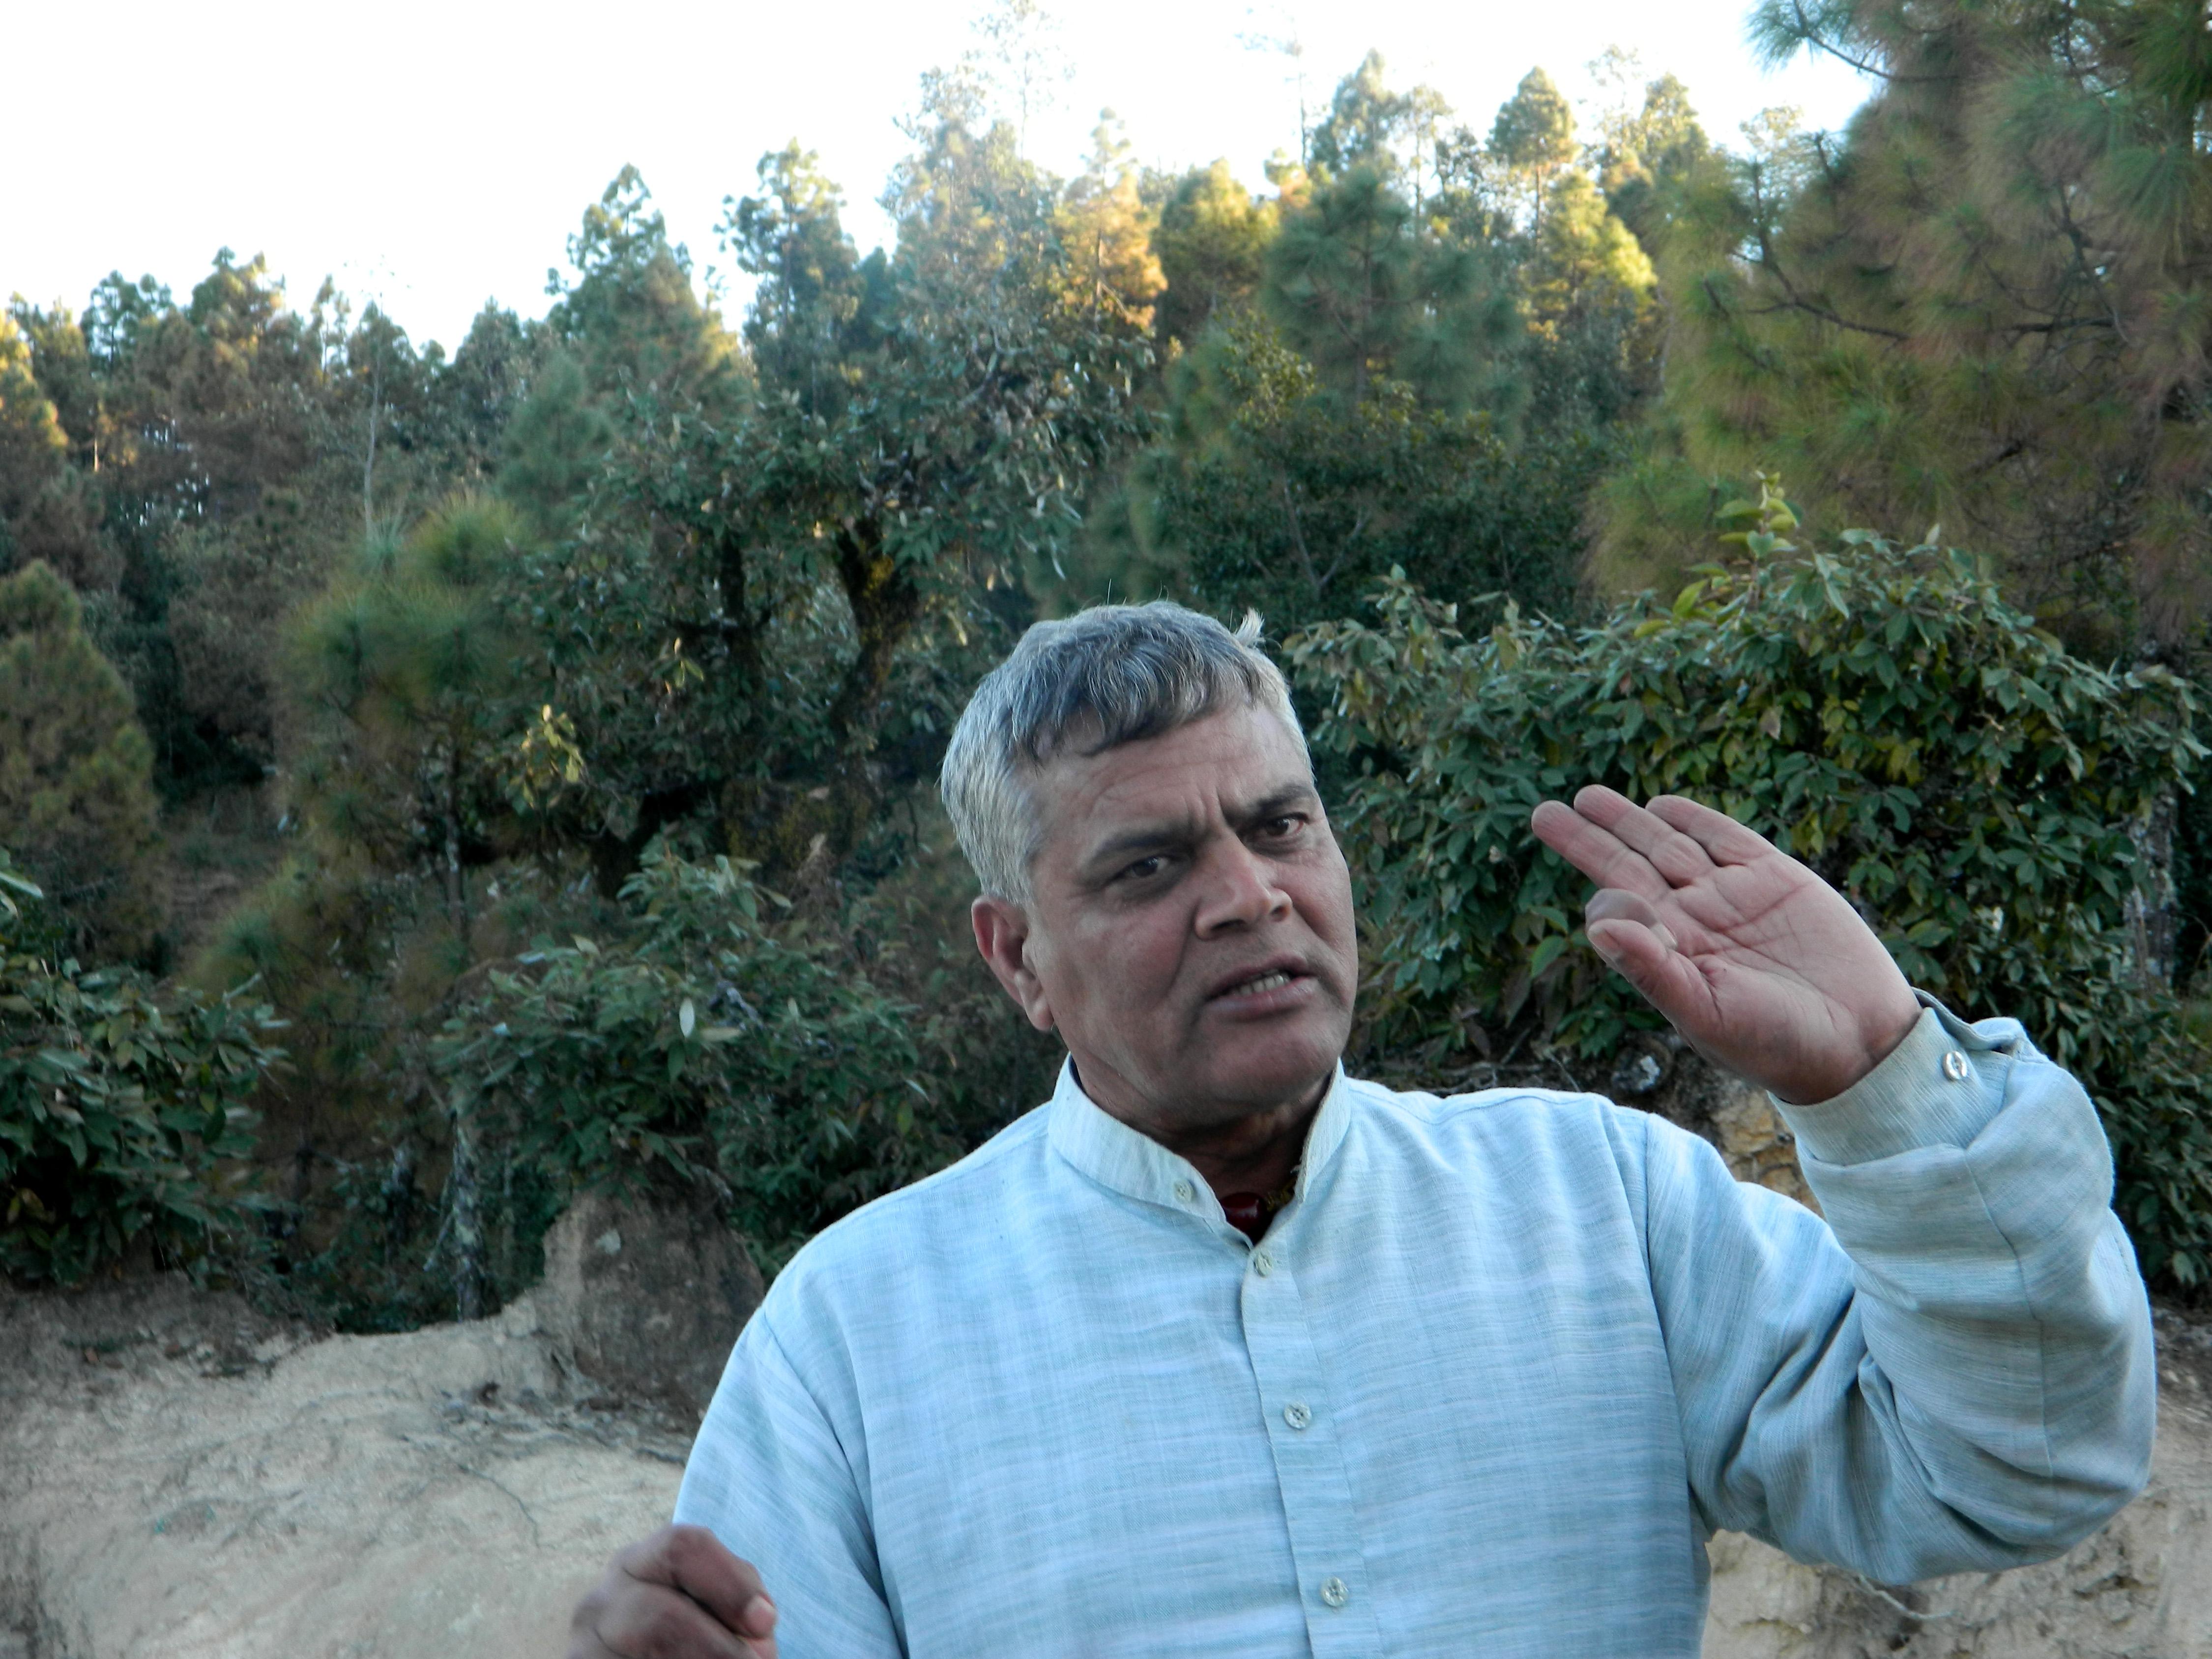 सच्चिदानंद भारती ने पानी और जंगल संरक्षण का जबरदस्त मिशाल पेश किया